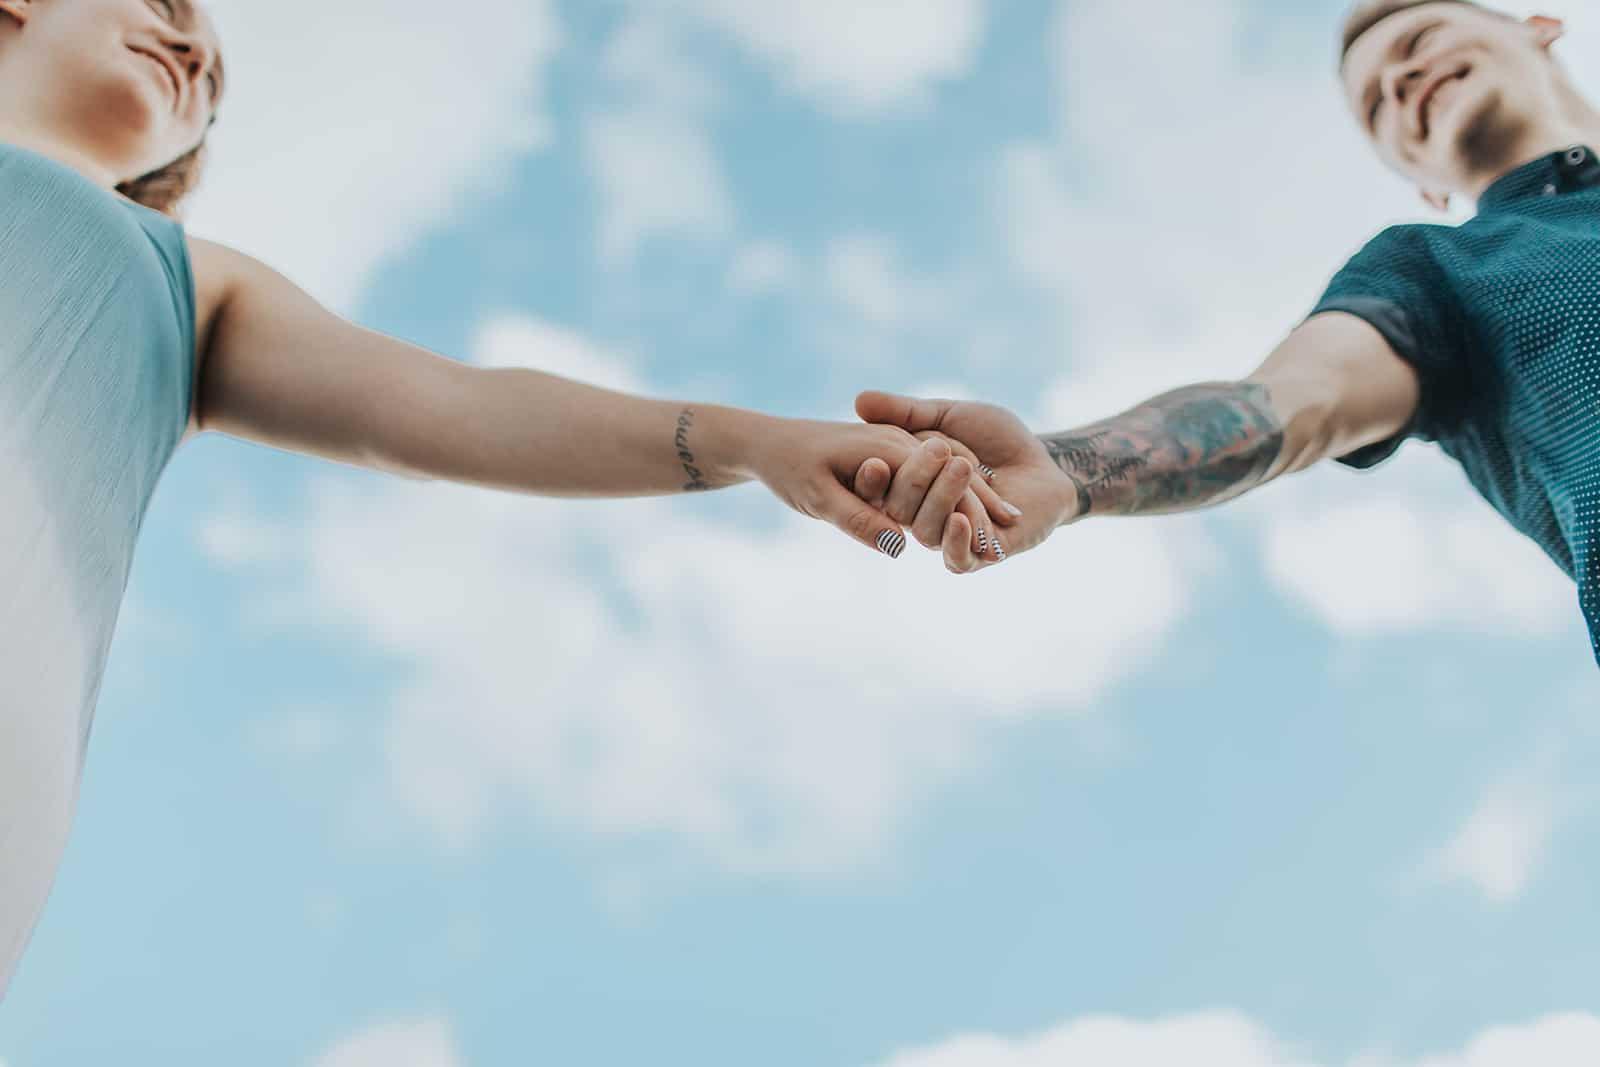 liebendes Paar, das Hände hält, die unter dem blauen Himmel stehen